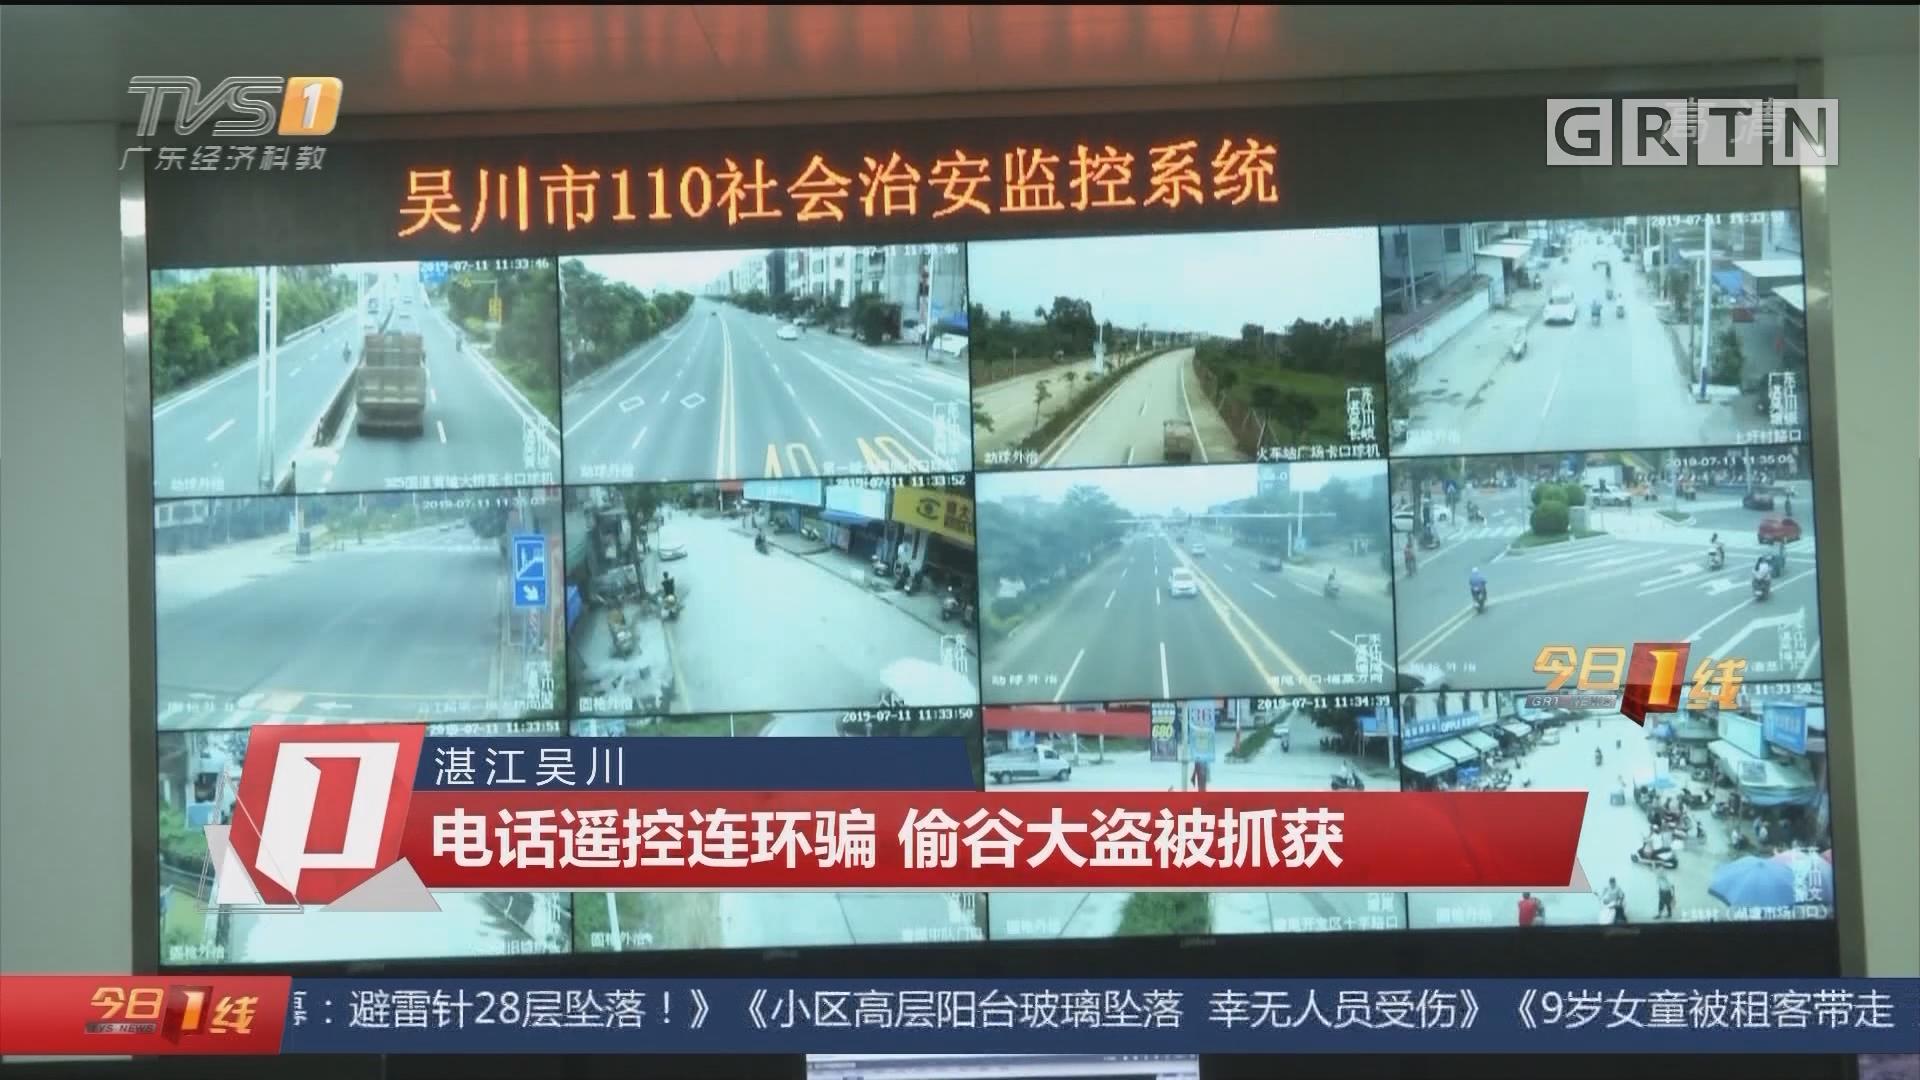 湛江吴川:电话遥控连环骗 偷谷大盗被抓获